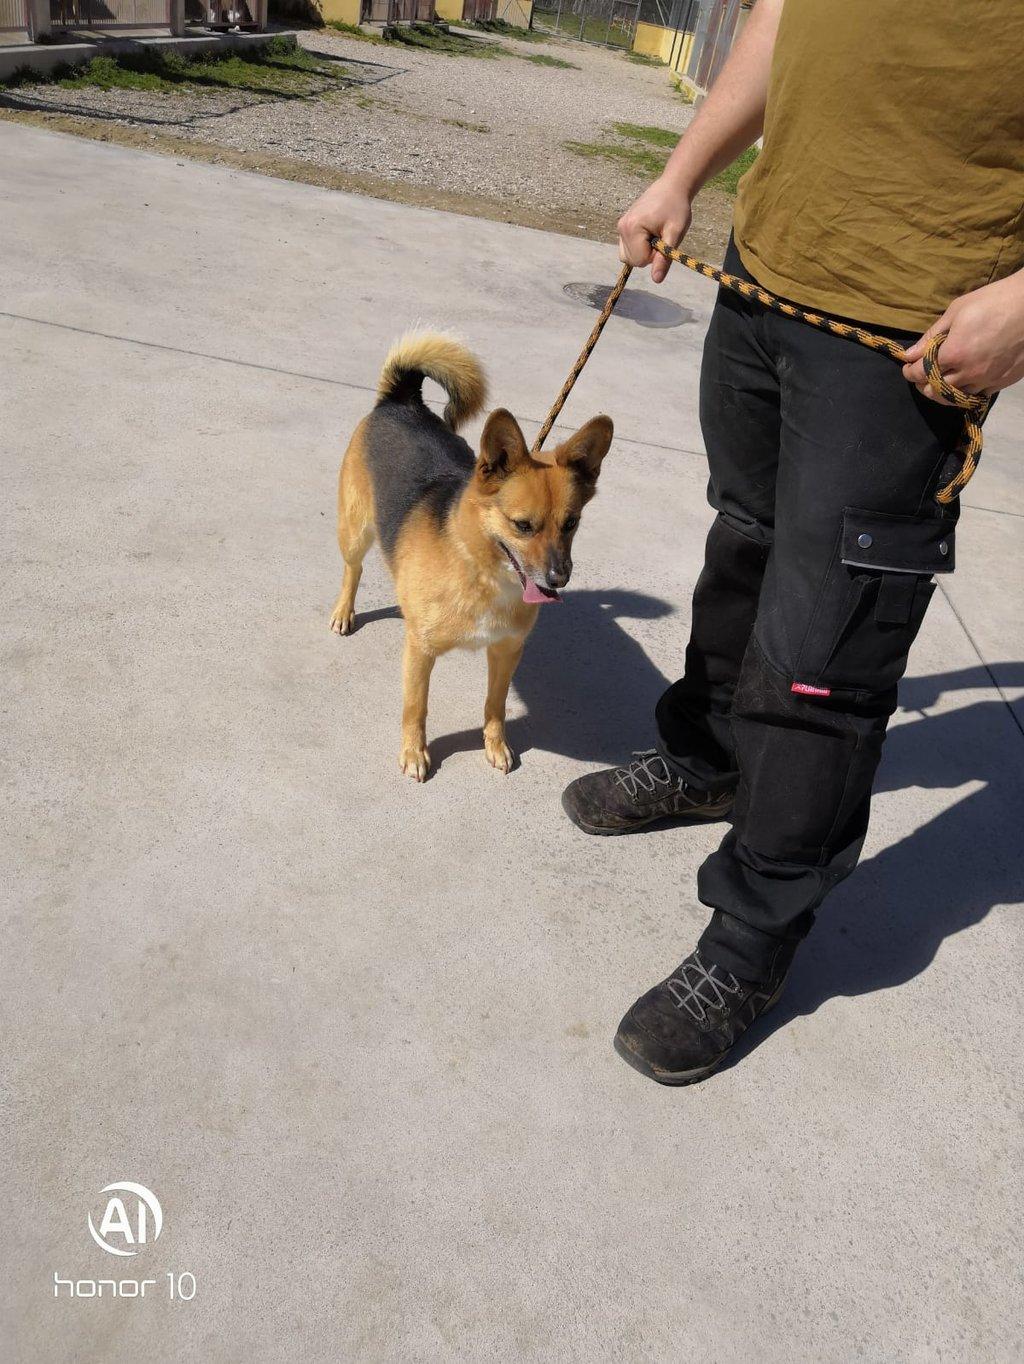 Bildertagebuch - Kity, die Miniaturausgabe eines Schäferhundes - VERMITTELT - 35472333sj